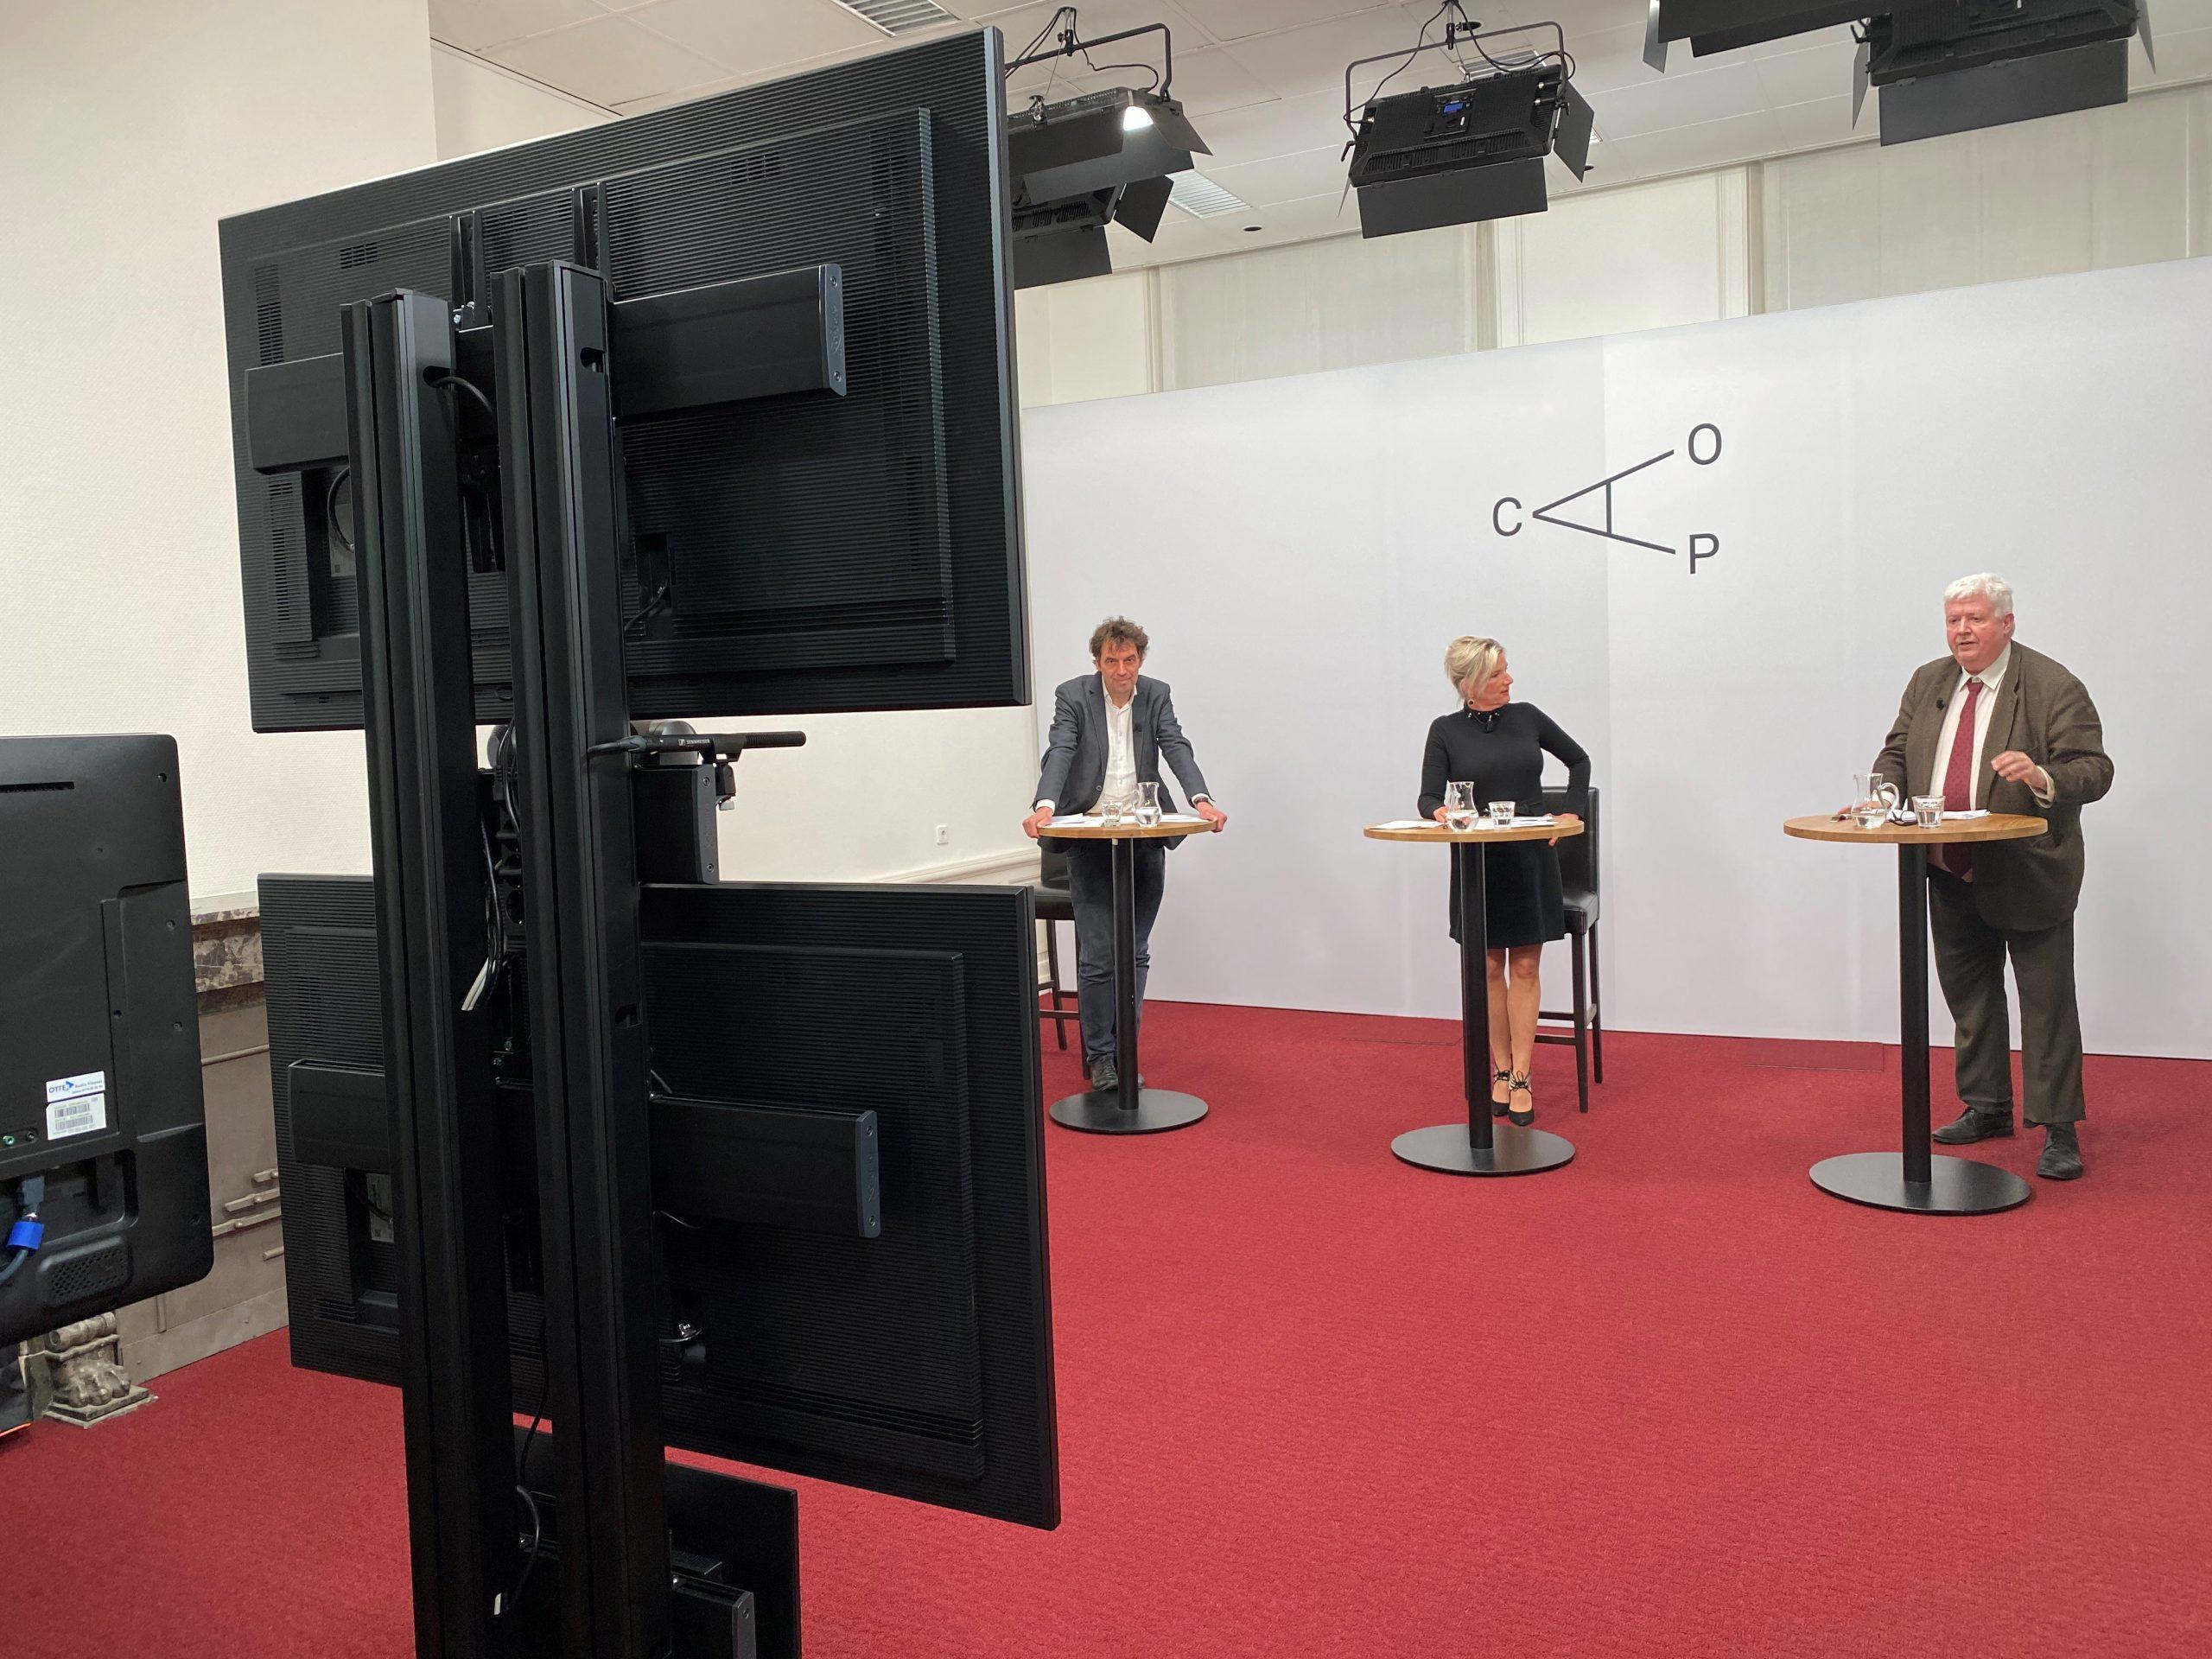 Hoogleraar Marc van der Meer, presentator Marianne van den Anker en hoogleraar Frits van der Meer discussiëren met elkaar tijdens de eerste webinar uit de reeks Bouwen aan vertrouwen